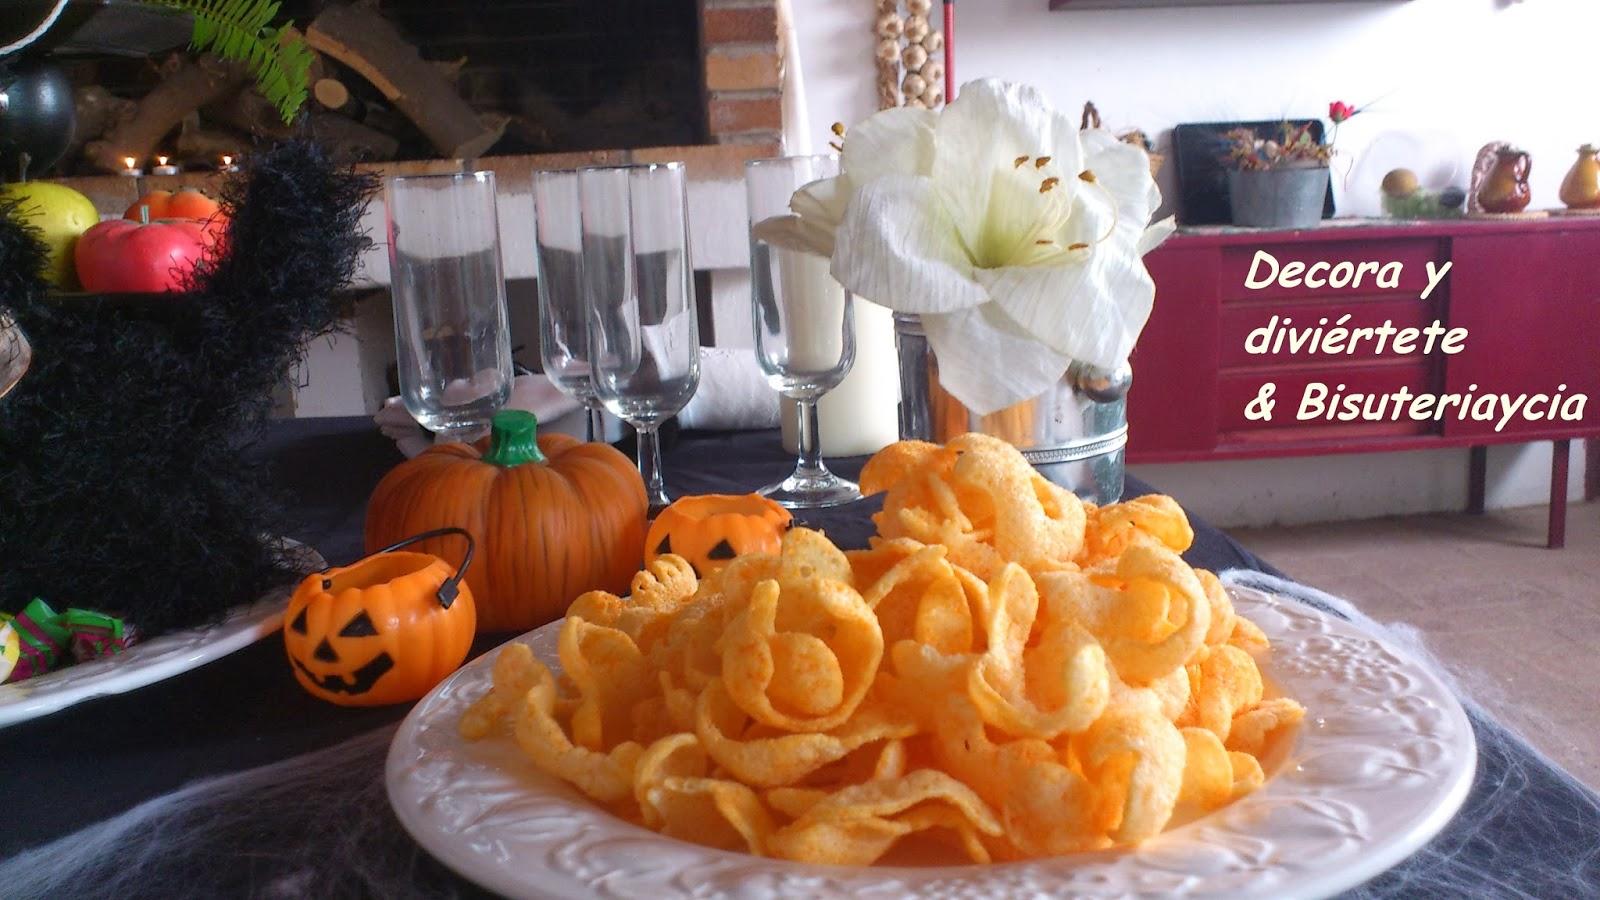 La decoraci n de una mesa de halloween casera - Decoracion halloween casera ...